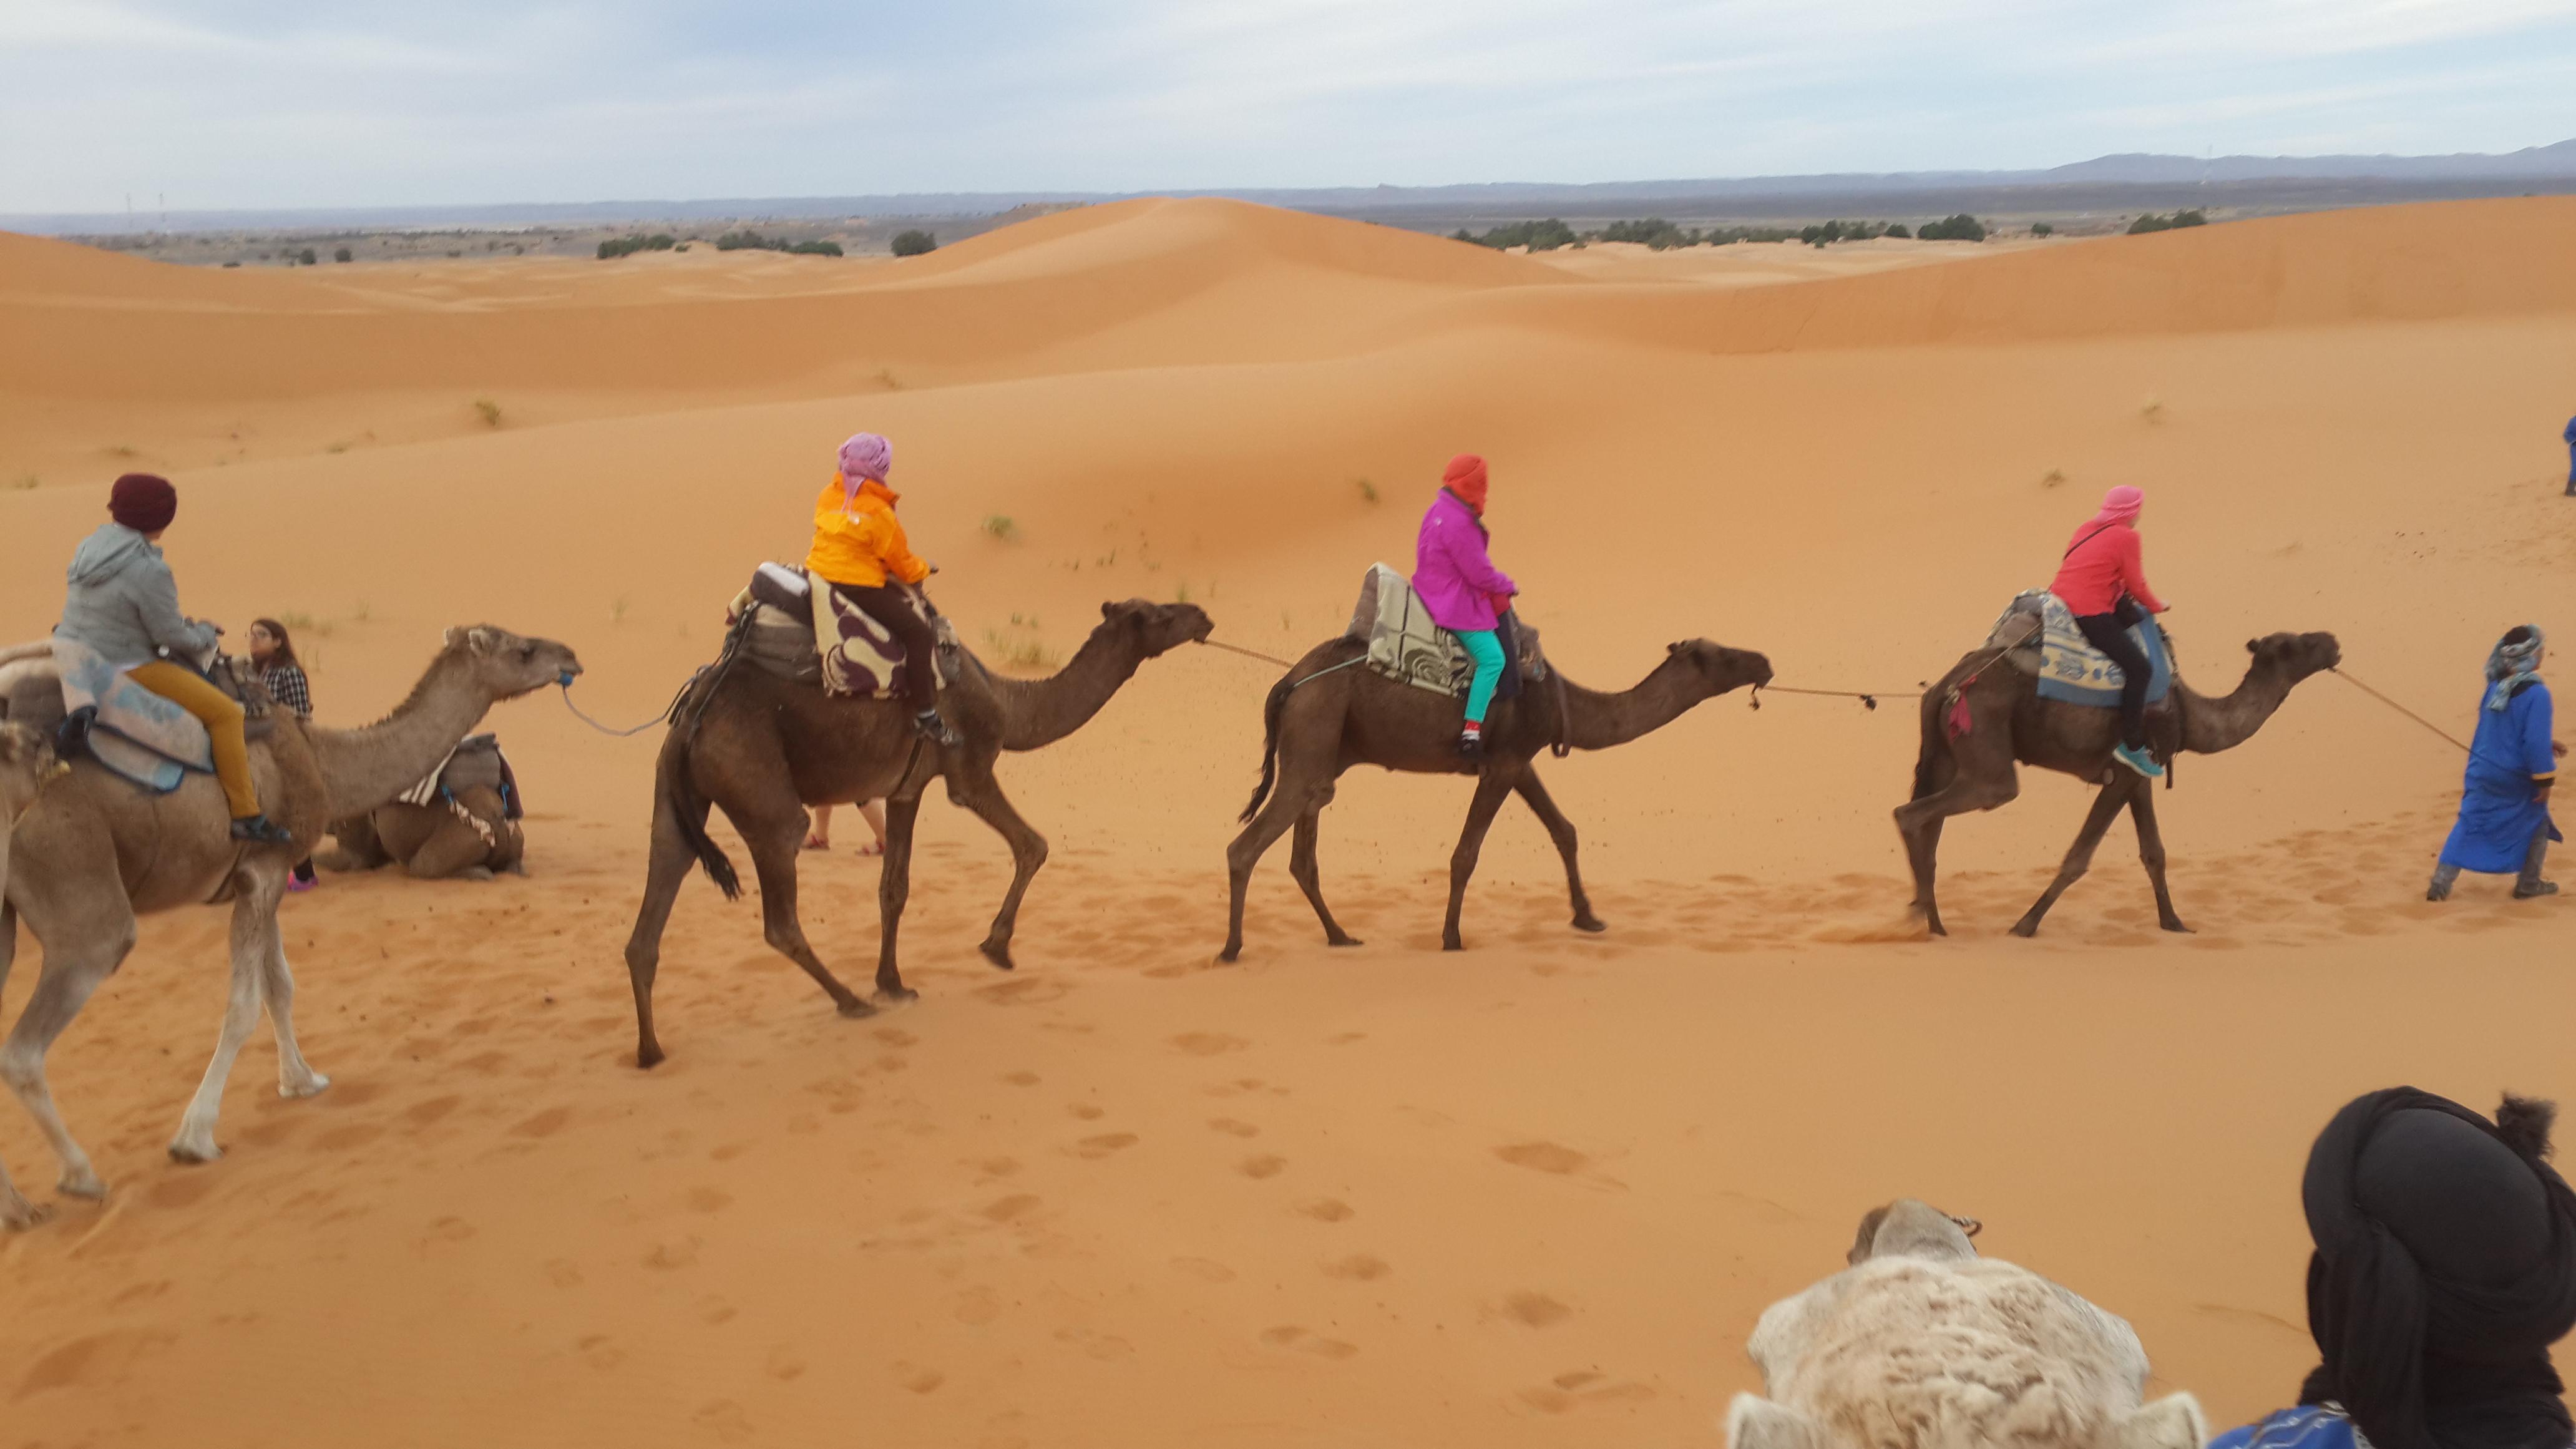 ขี่อูฐ ในทะเลทรายซาฮาร่า